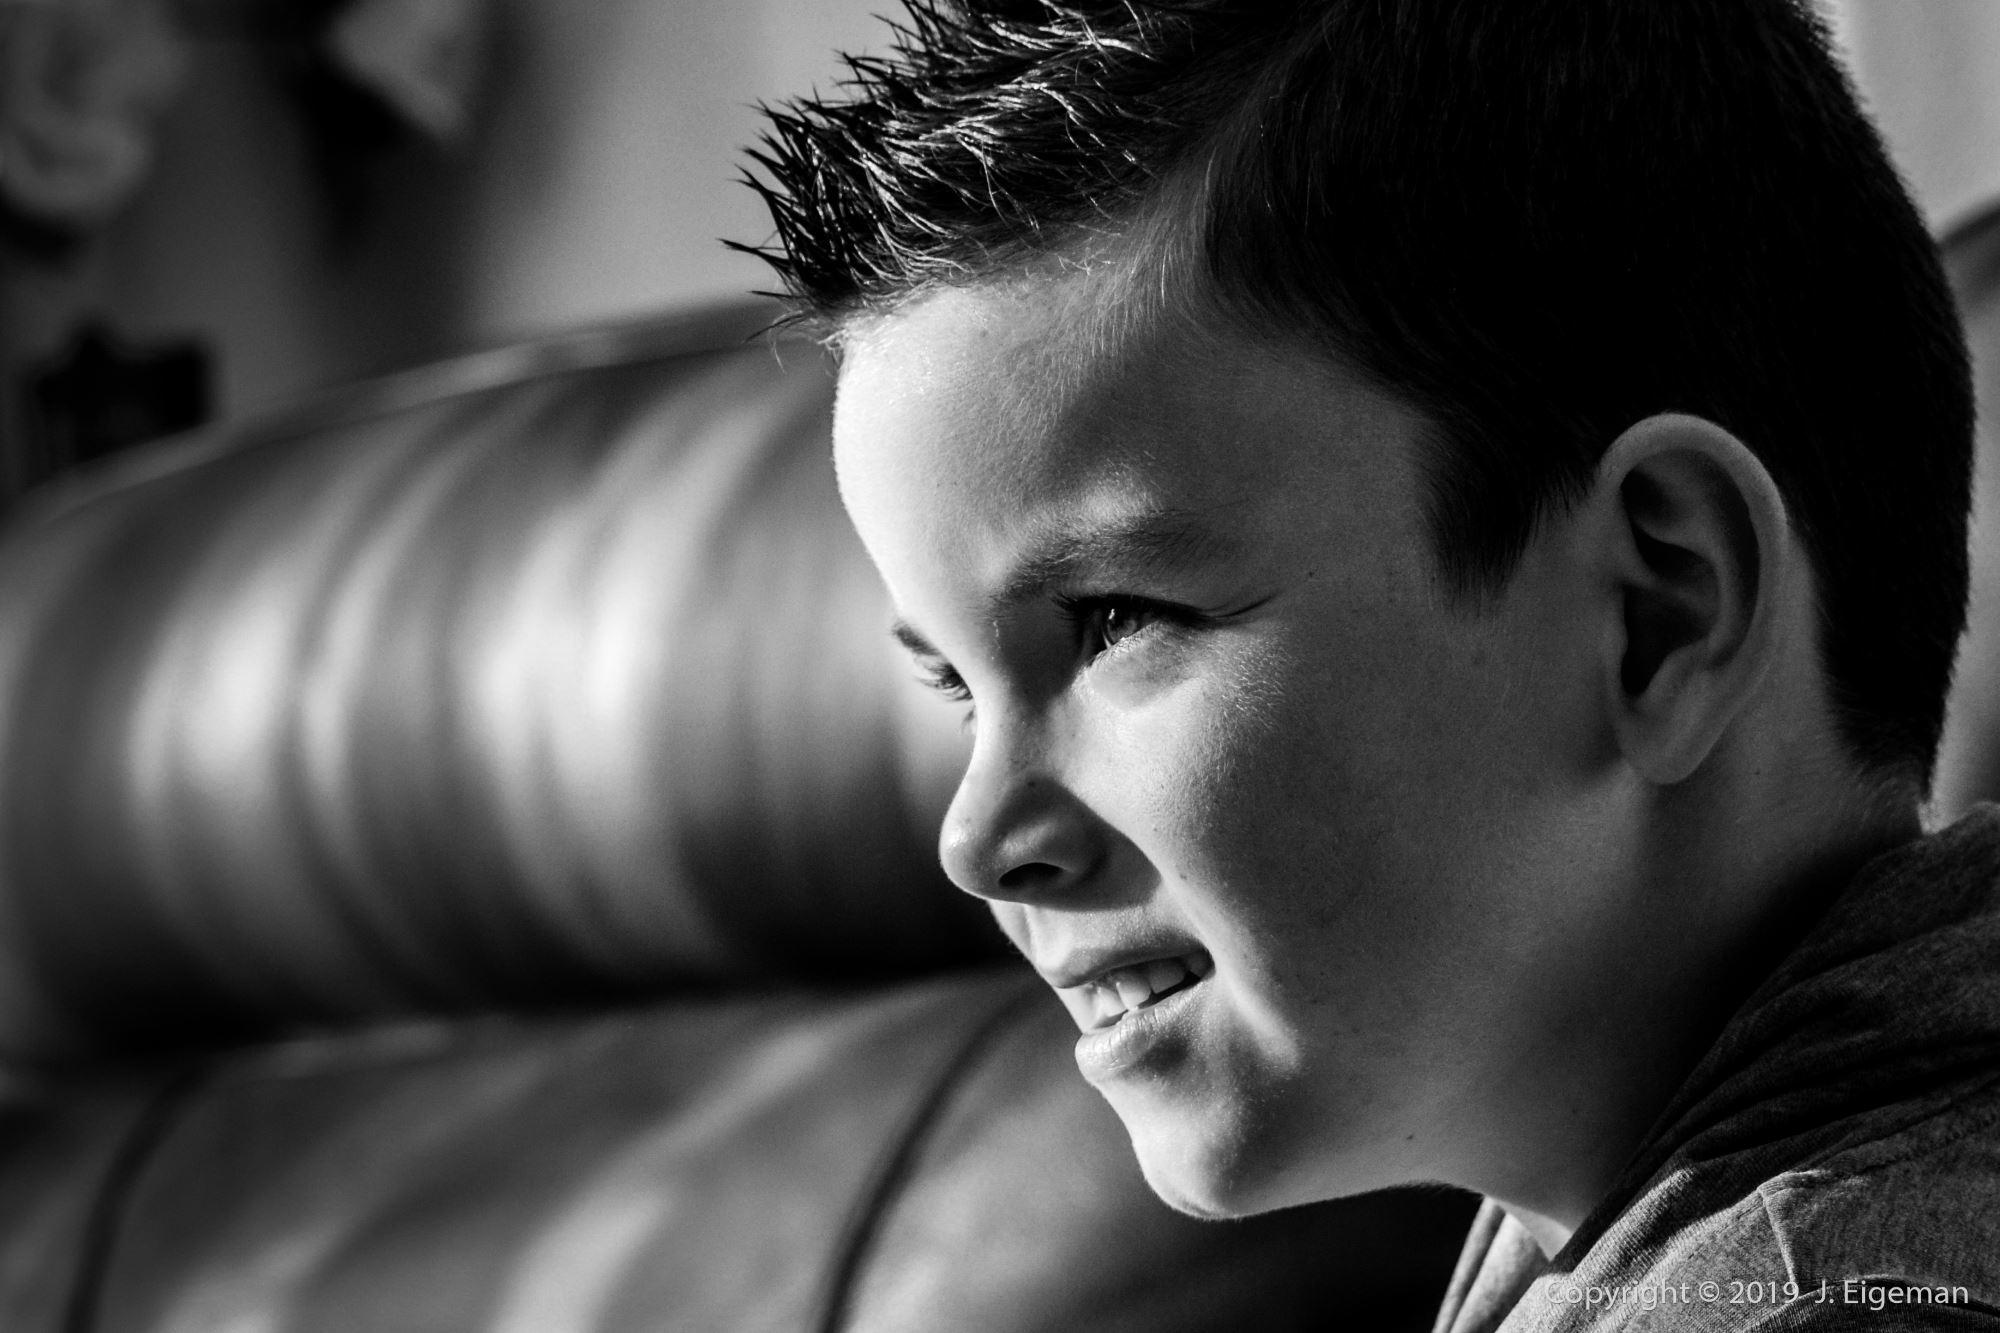 Fotografie zwart wit slagschaduw gezicht